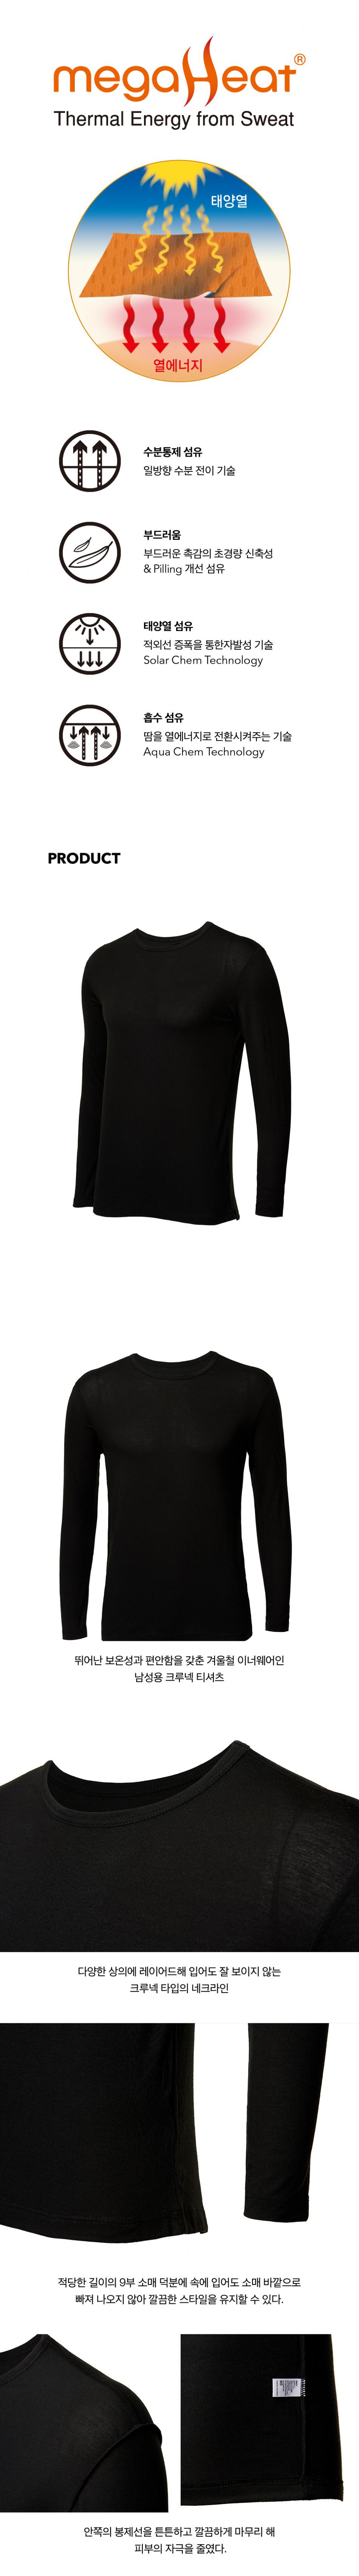 무신사 스탠다드(MUSINSA STANDARD) 맨즈 메가히트 스탠다드 크루넥 티셔츠 [블랙]